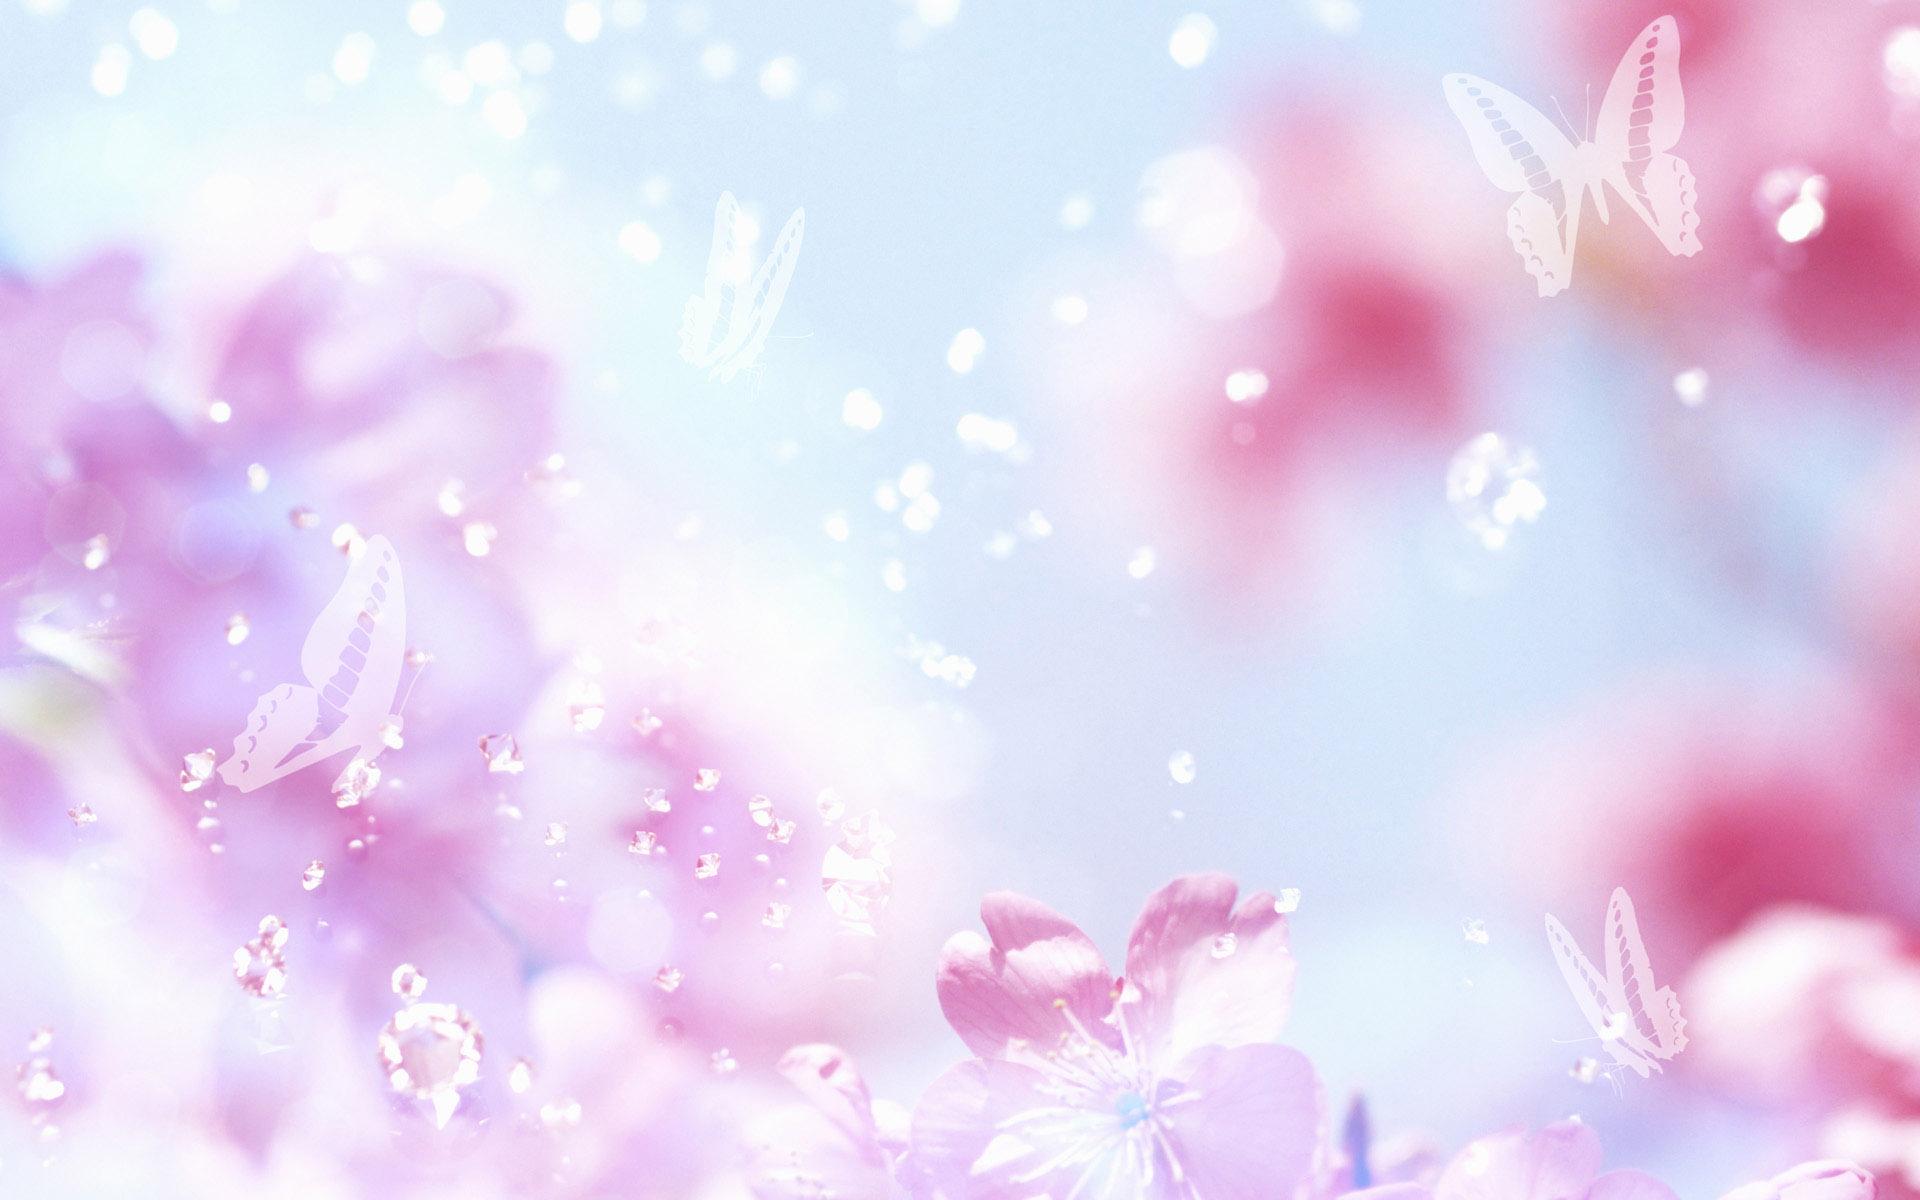 Картинка с нежными цветами для фона, день